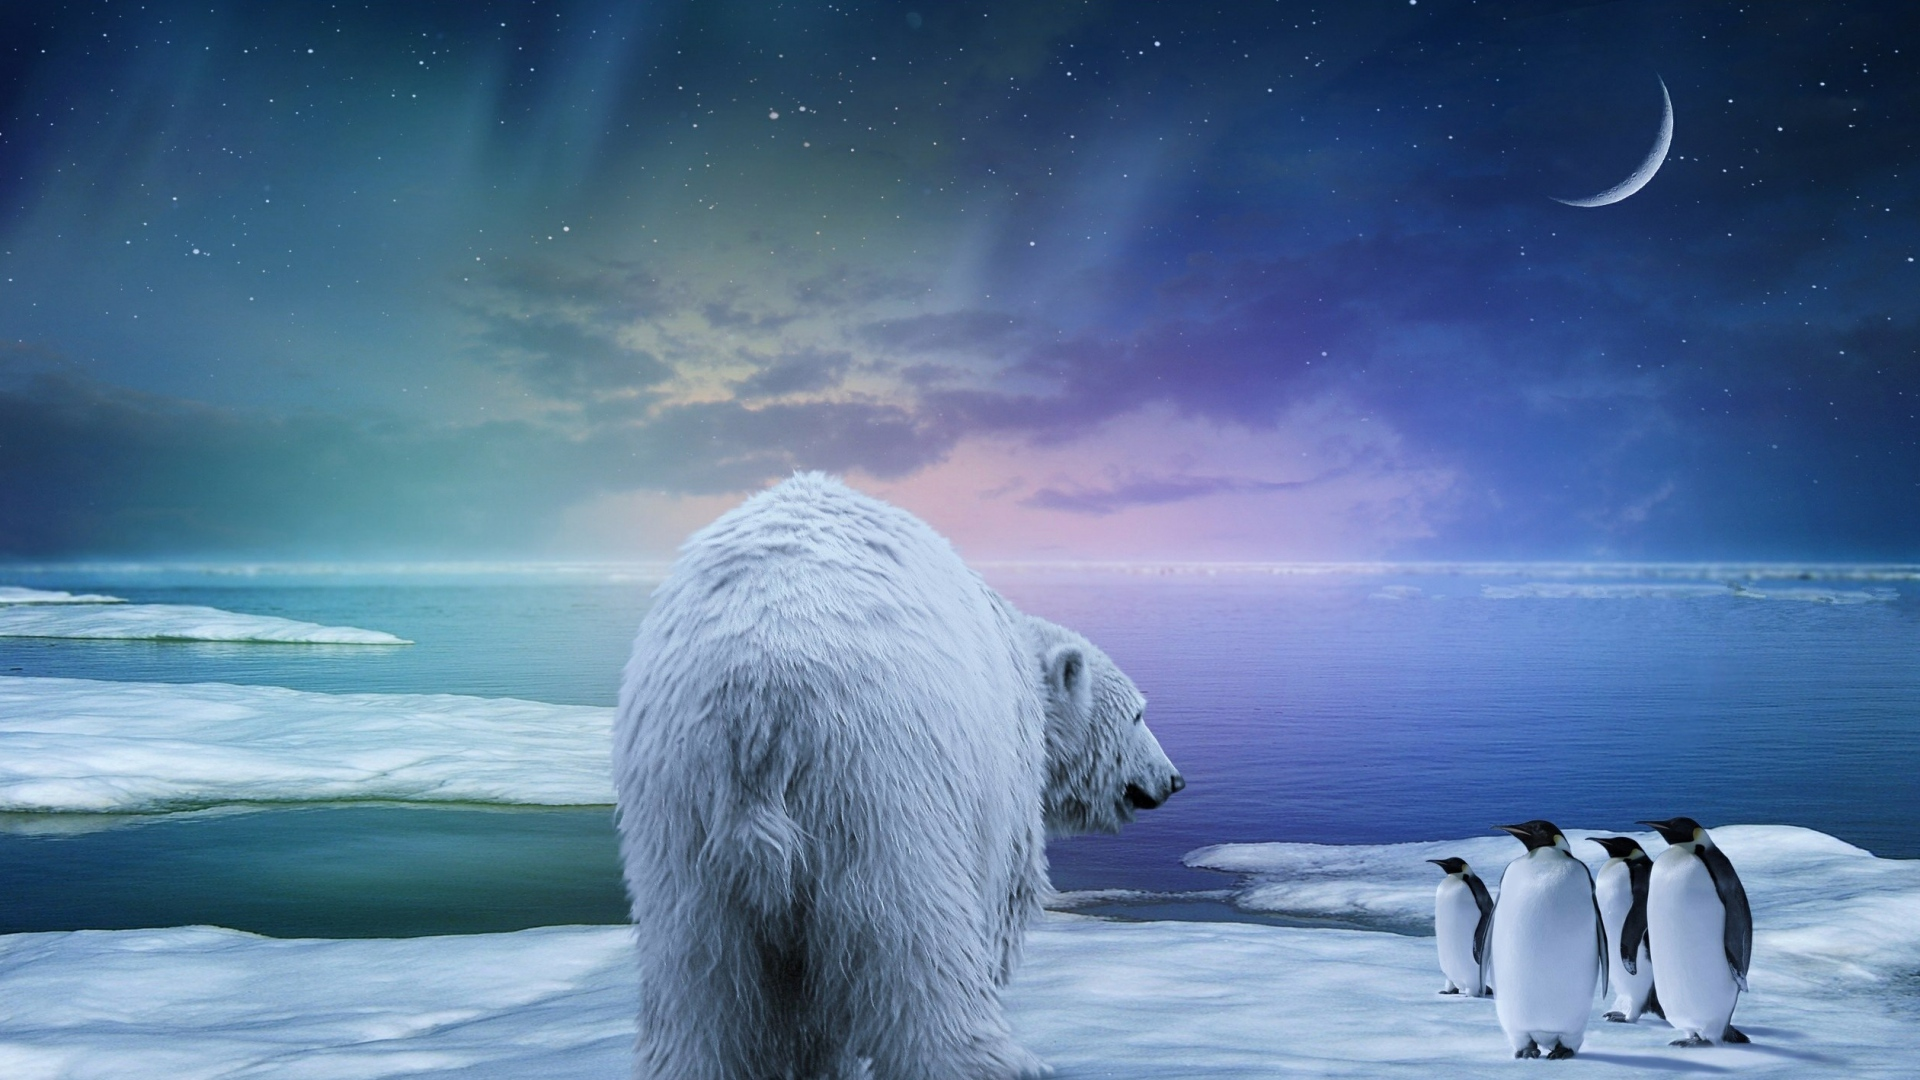 Белый медведь обои на рабочий стол  Wallpapers бесплатно